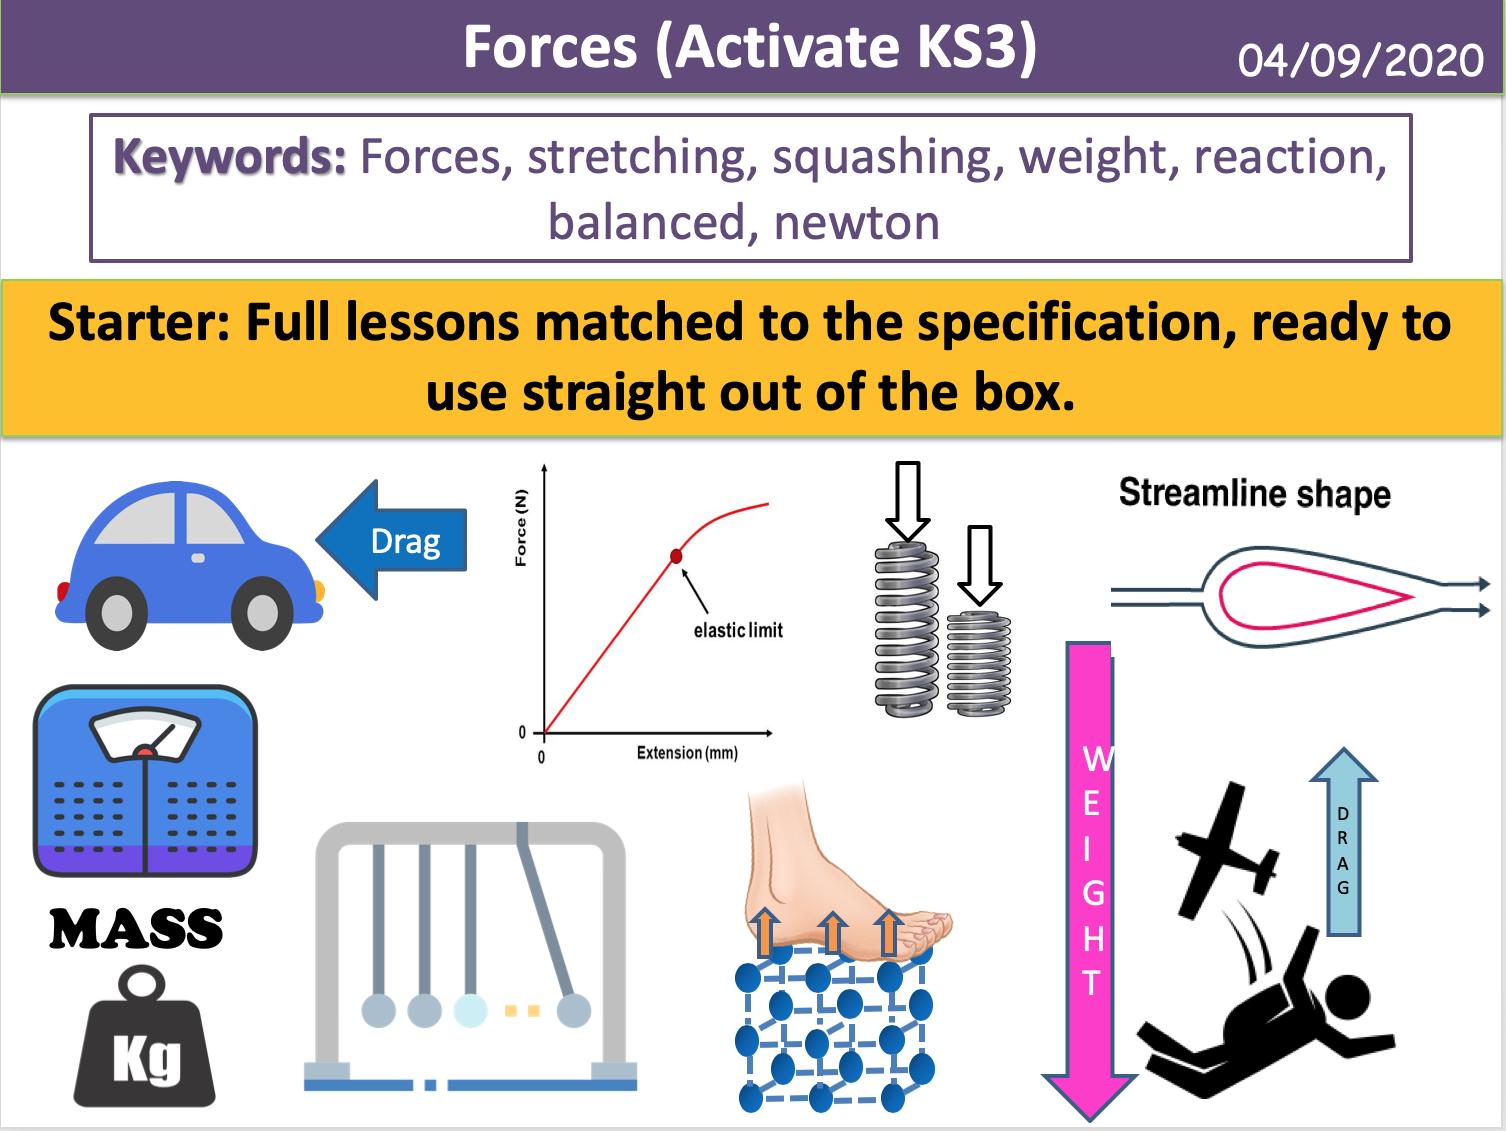 Forces (Activate KS3)